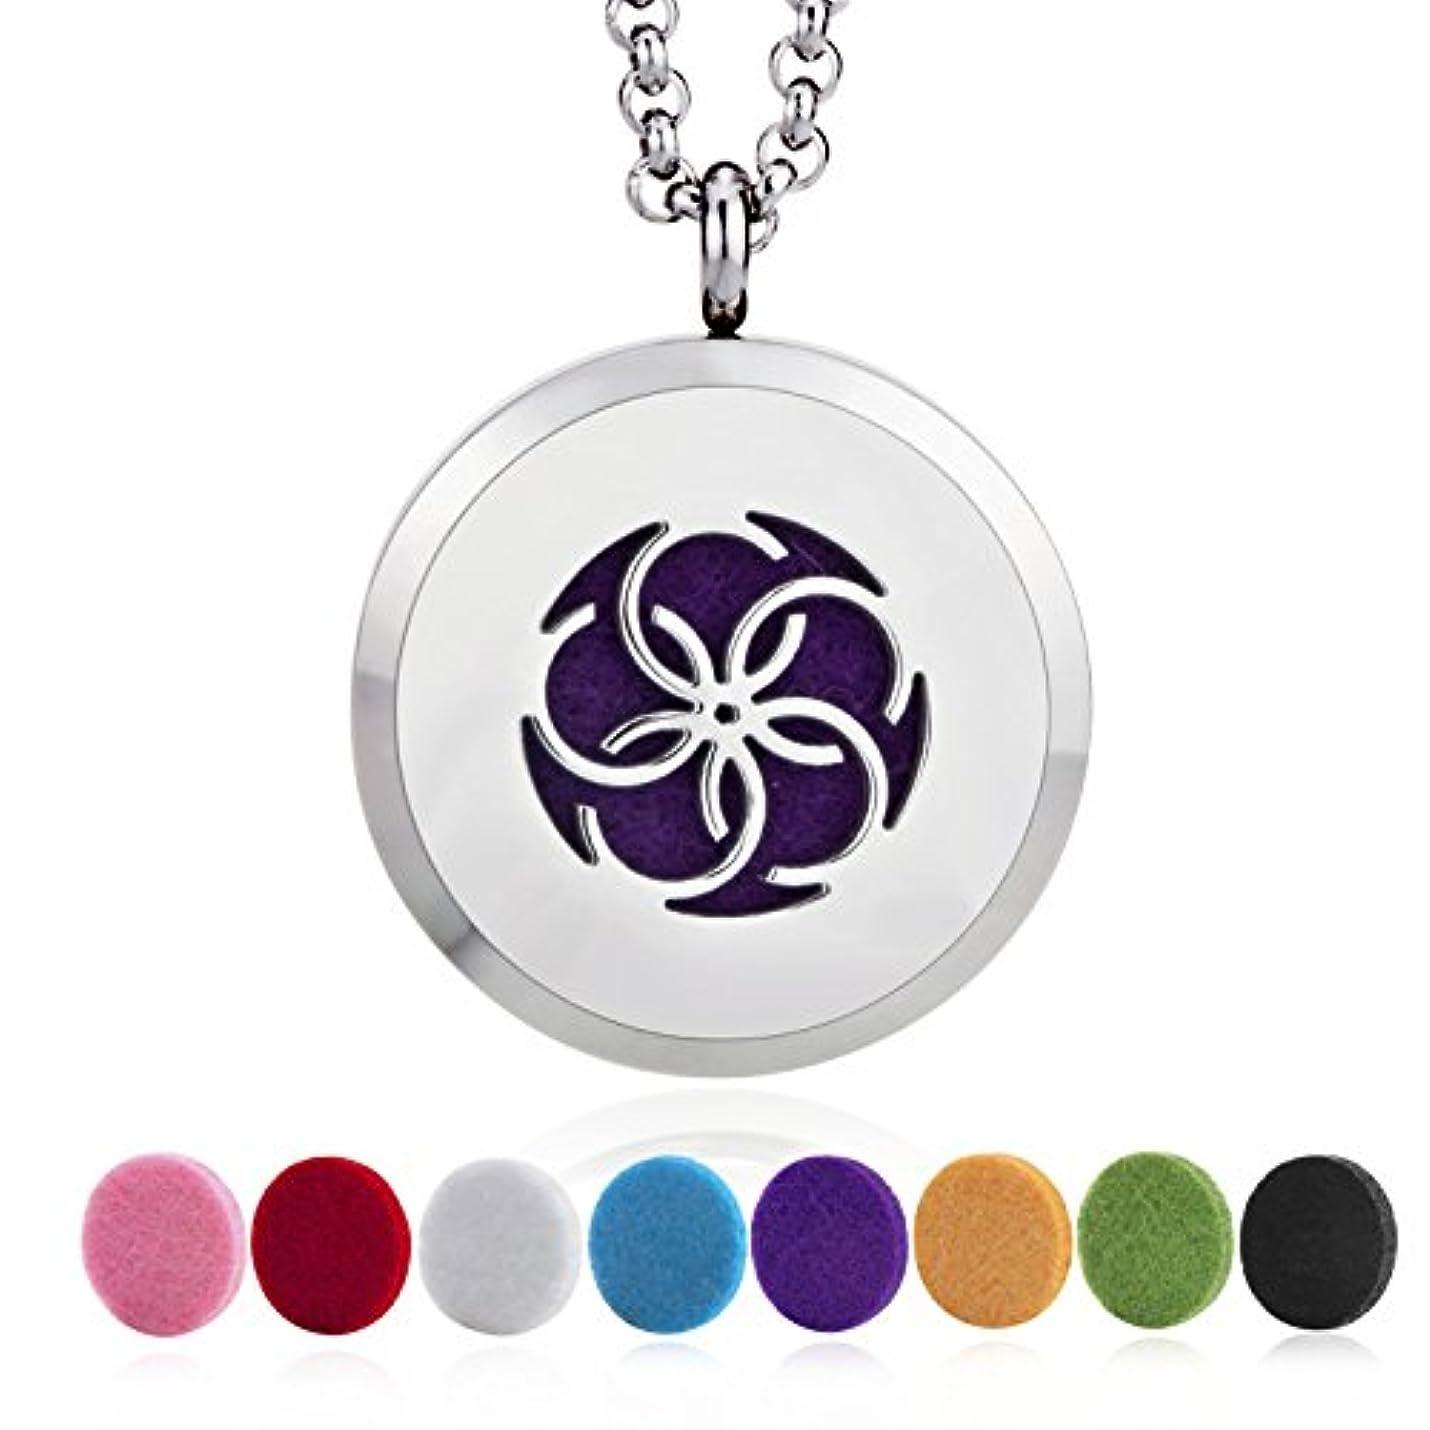 溶けた闇ブランド名Aromatherapy Essential Oil Diffuser necklace-stainlessスチール2つのロケットペンダントチェーン+ 8フェルトパッド